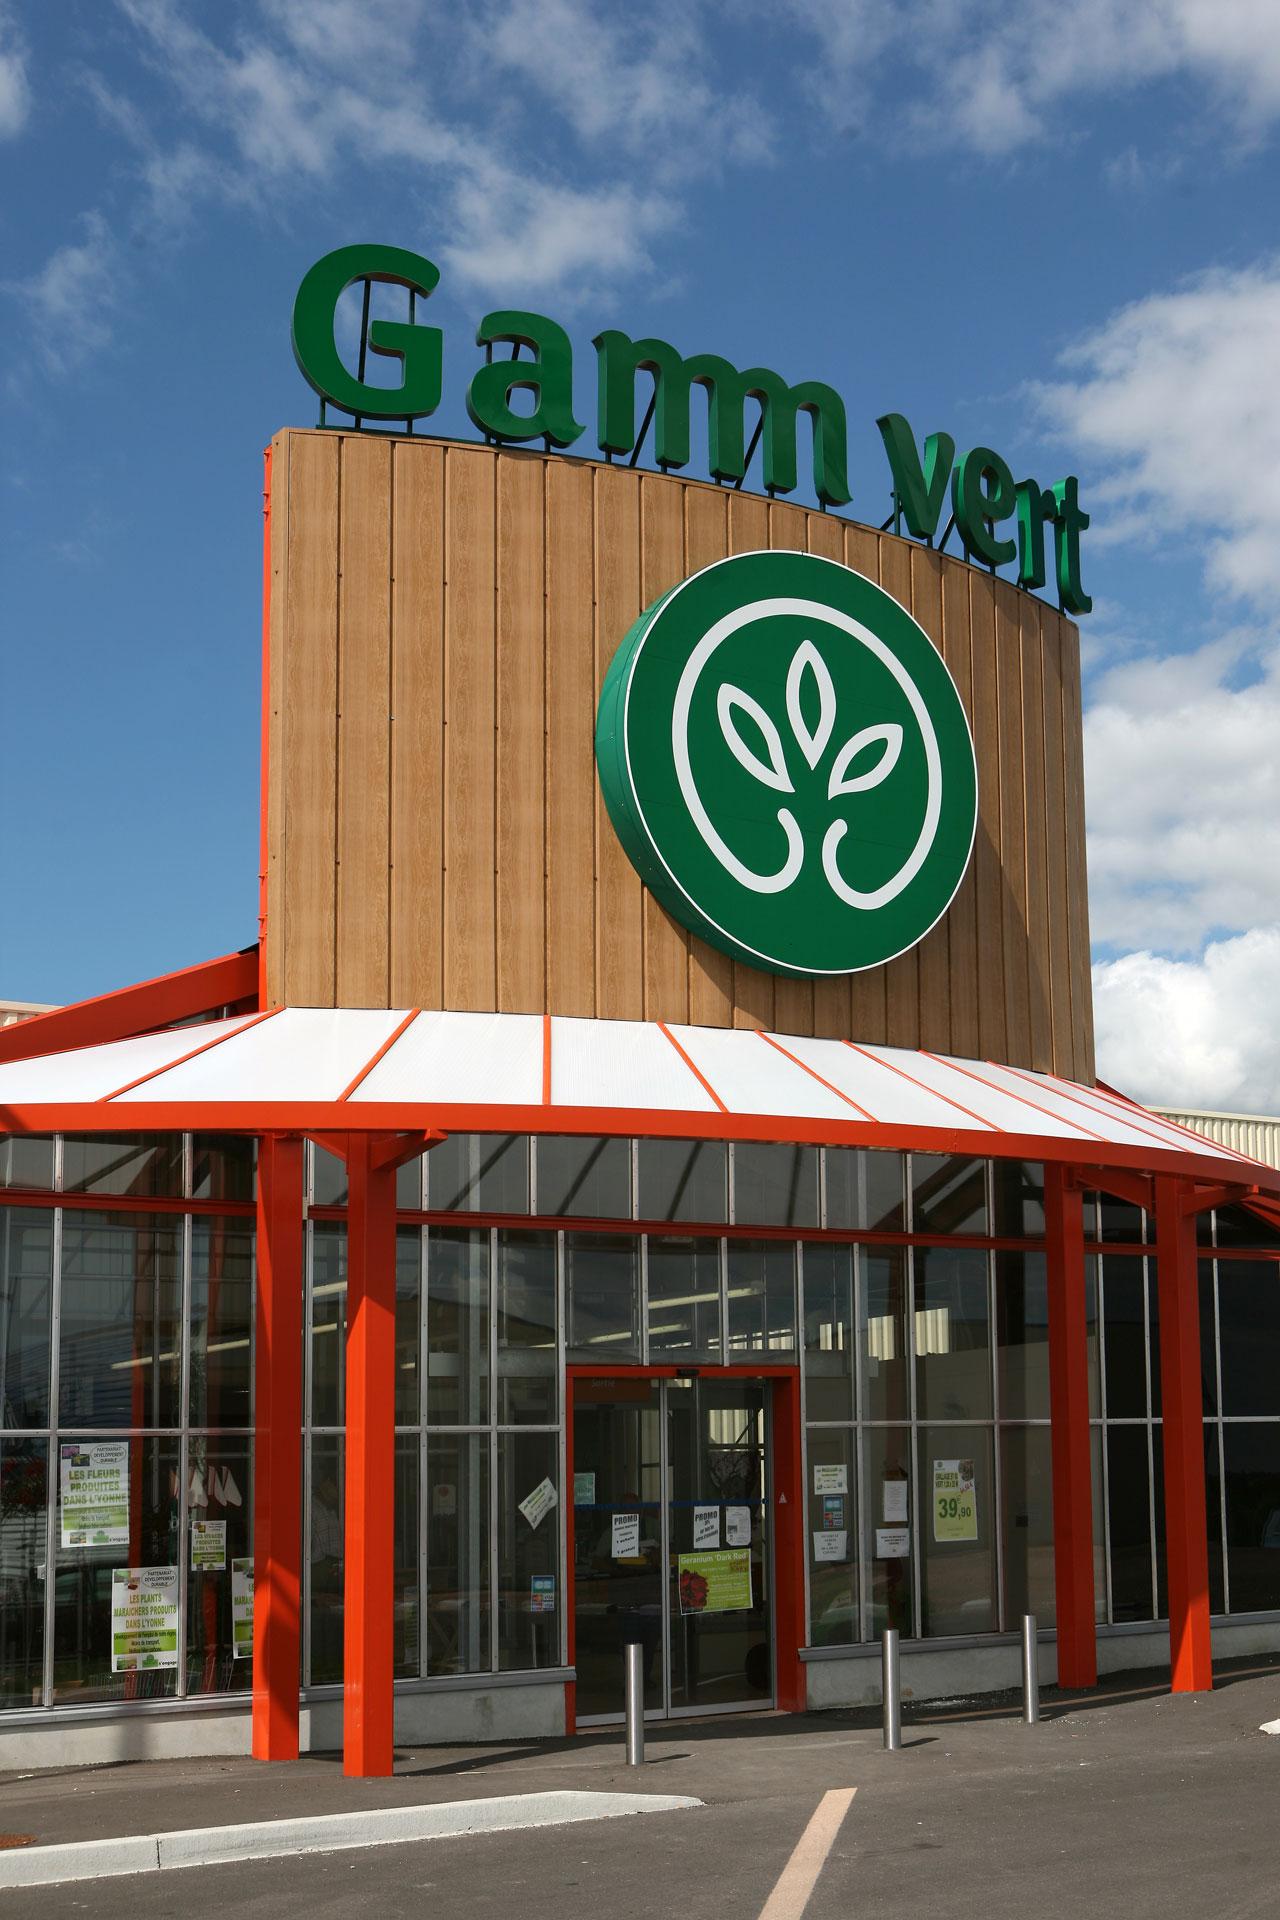 Gamm vert noyon c ble lectrique cuisini re vitroc ramique for Gamm vert muzillac